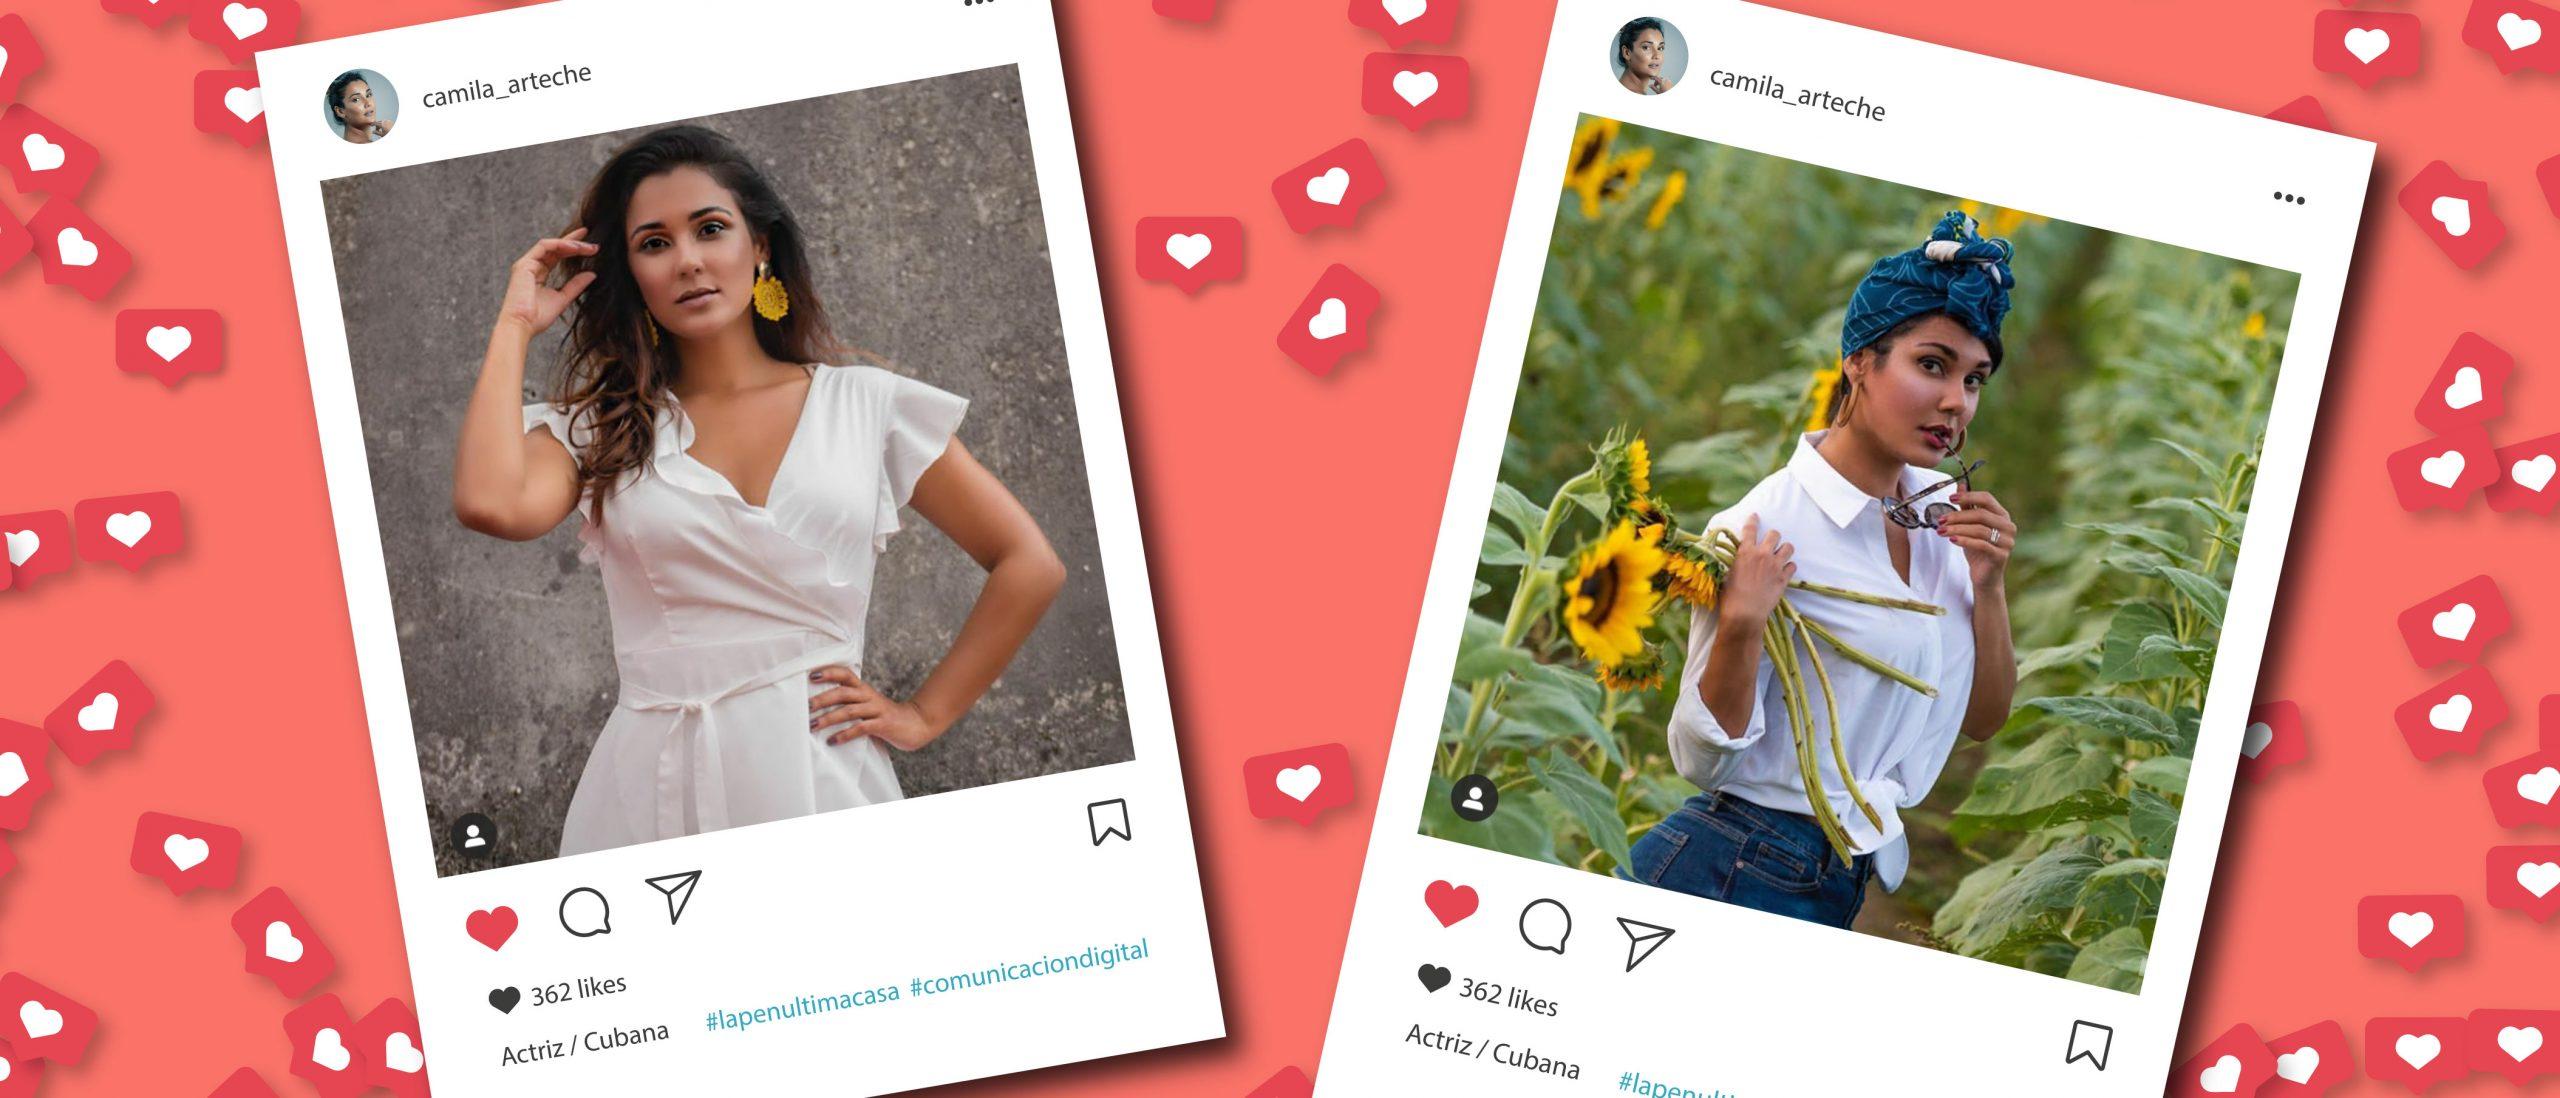 Camila Arteche marca personal